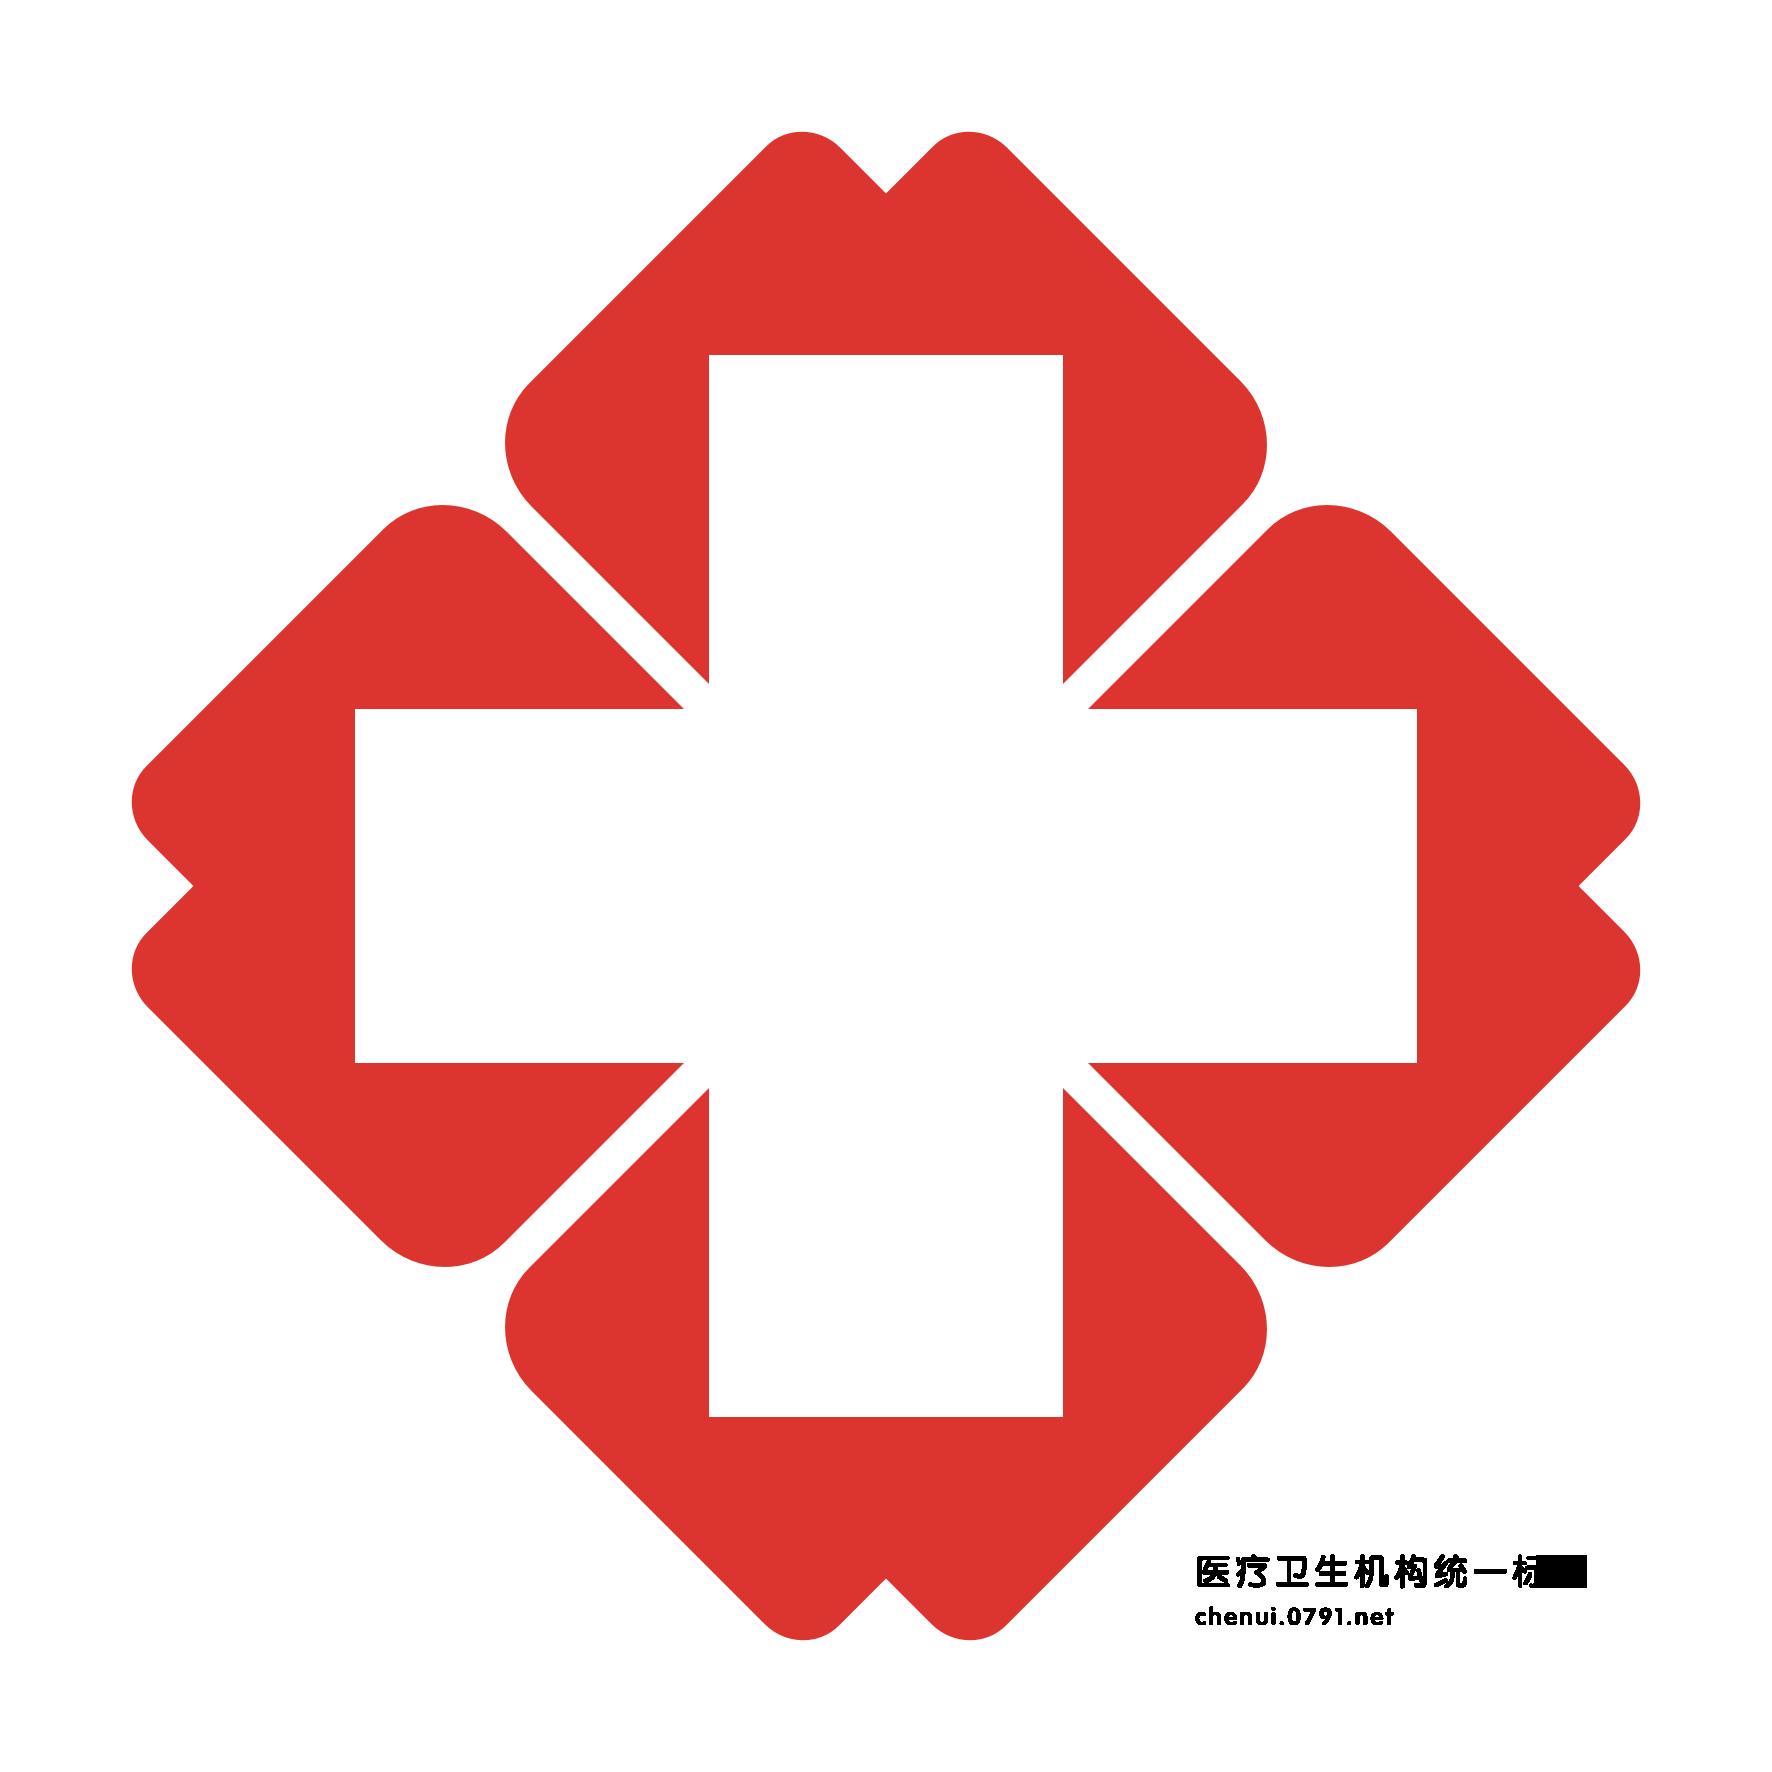 医院红十字标志的红色色标是多少